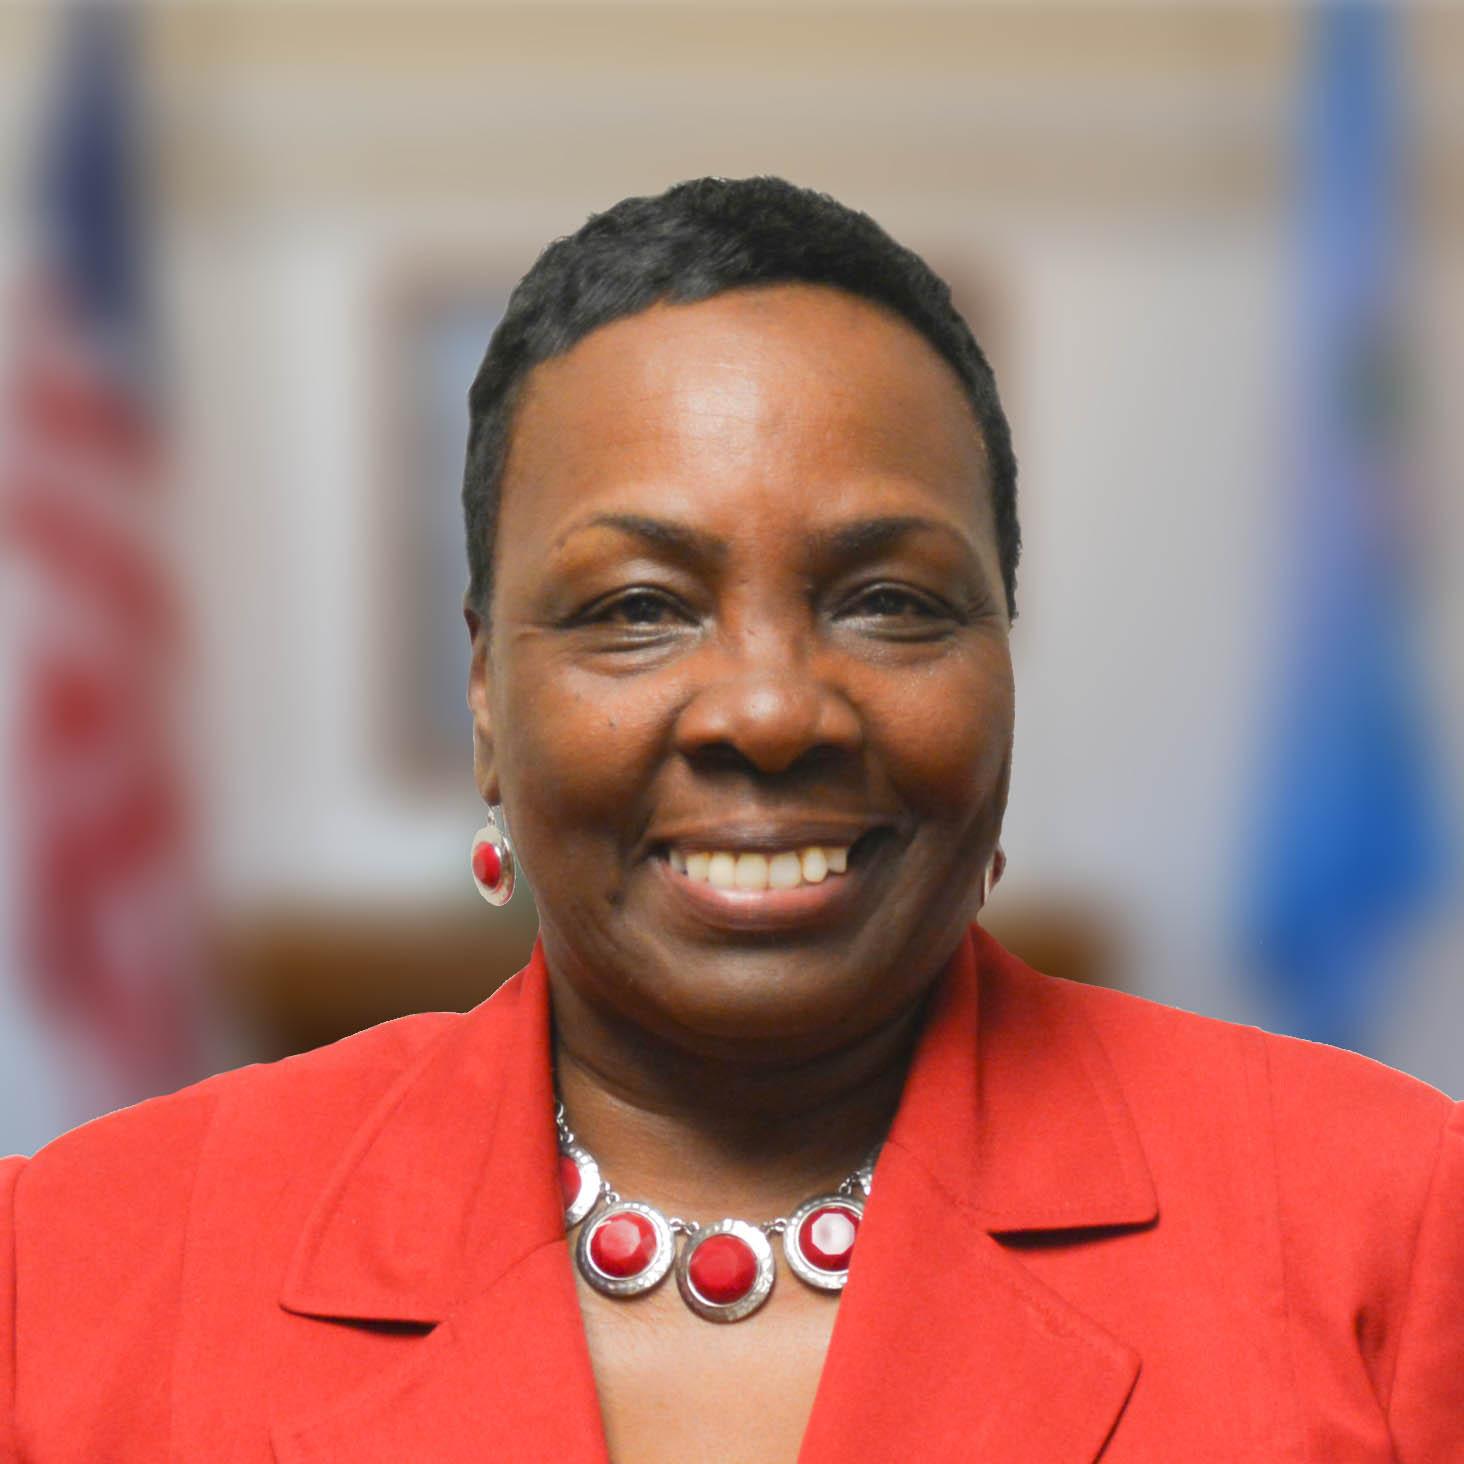 Janie B. Reid, Councilman